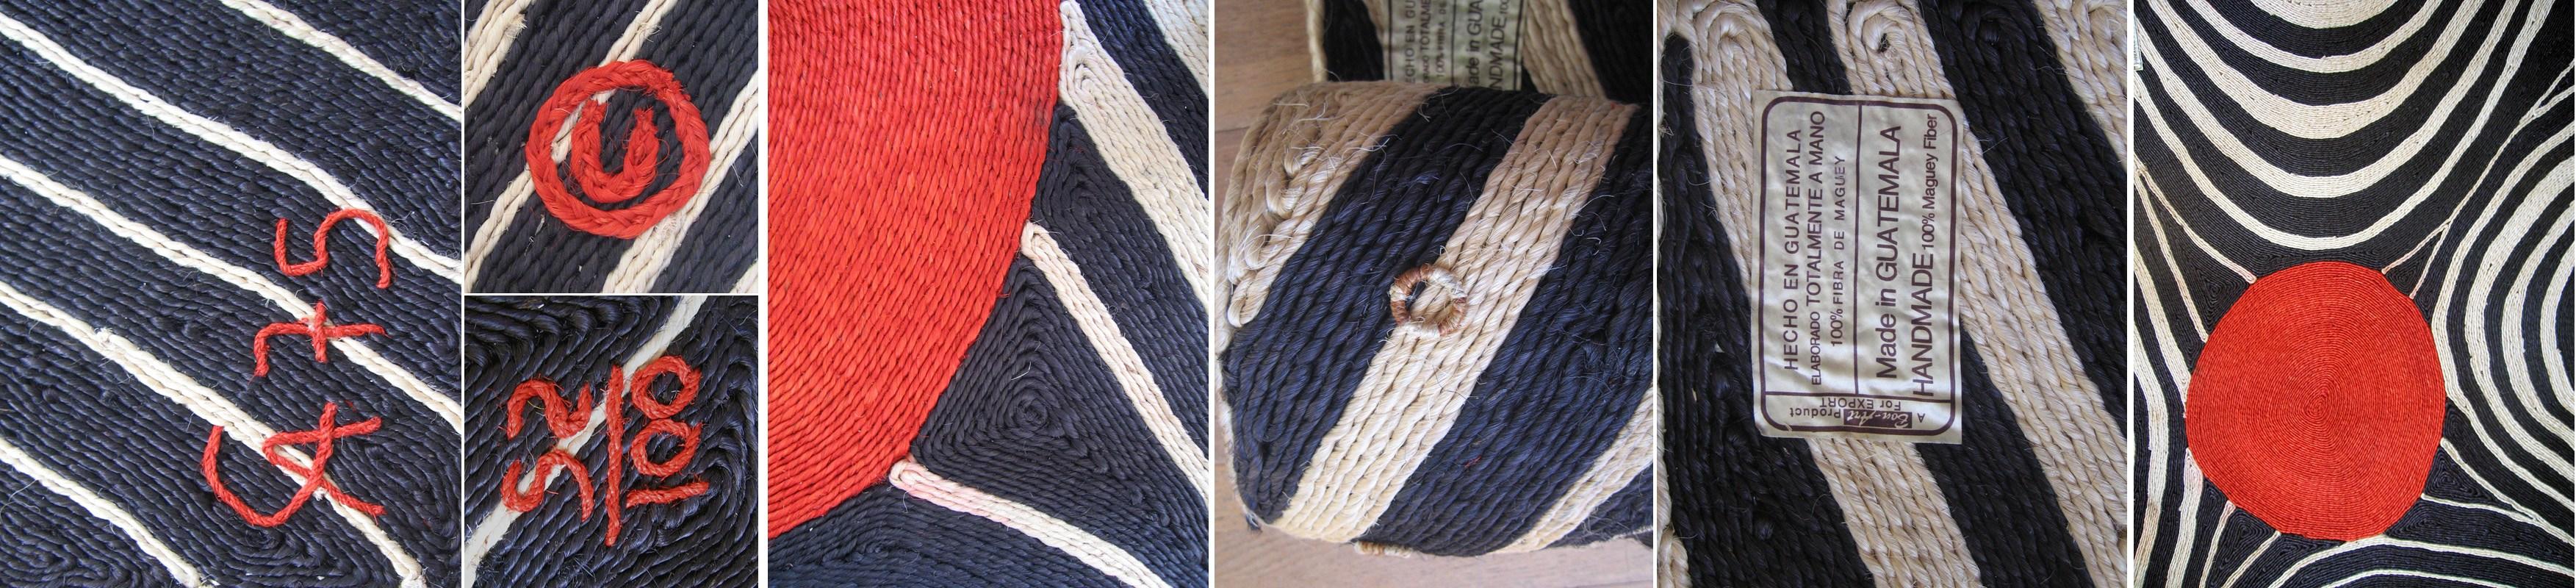 zebra dining chairs revolving chair base alexander calder 'zebra' 56x84 maguey fiber wall art weaving, 1975: nova68.com